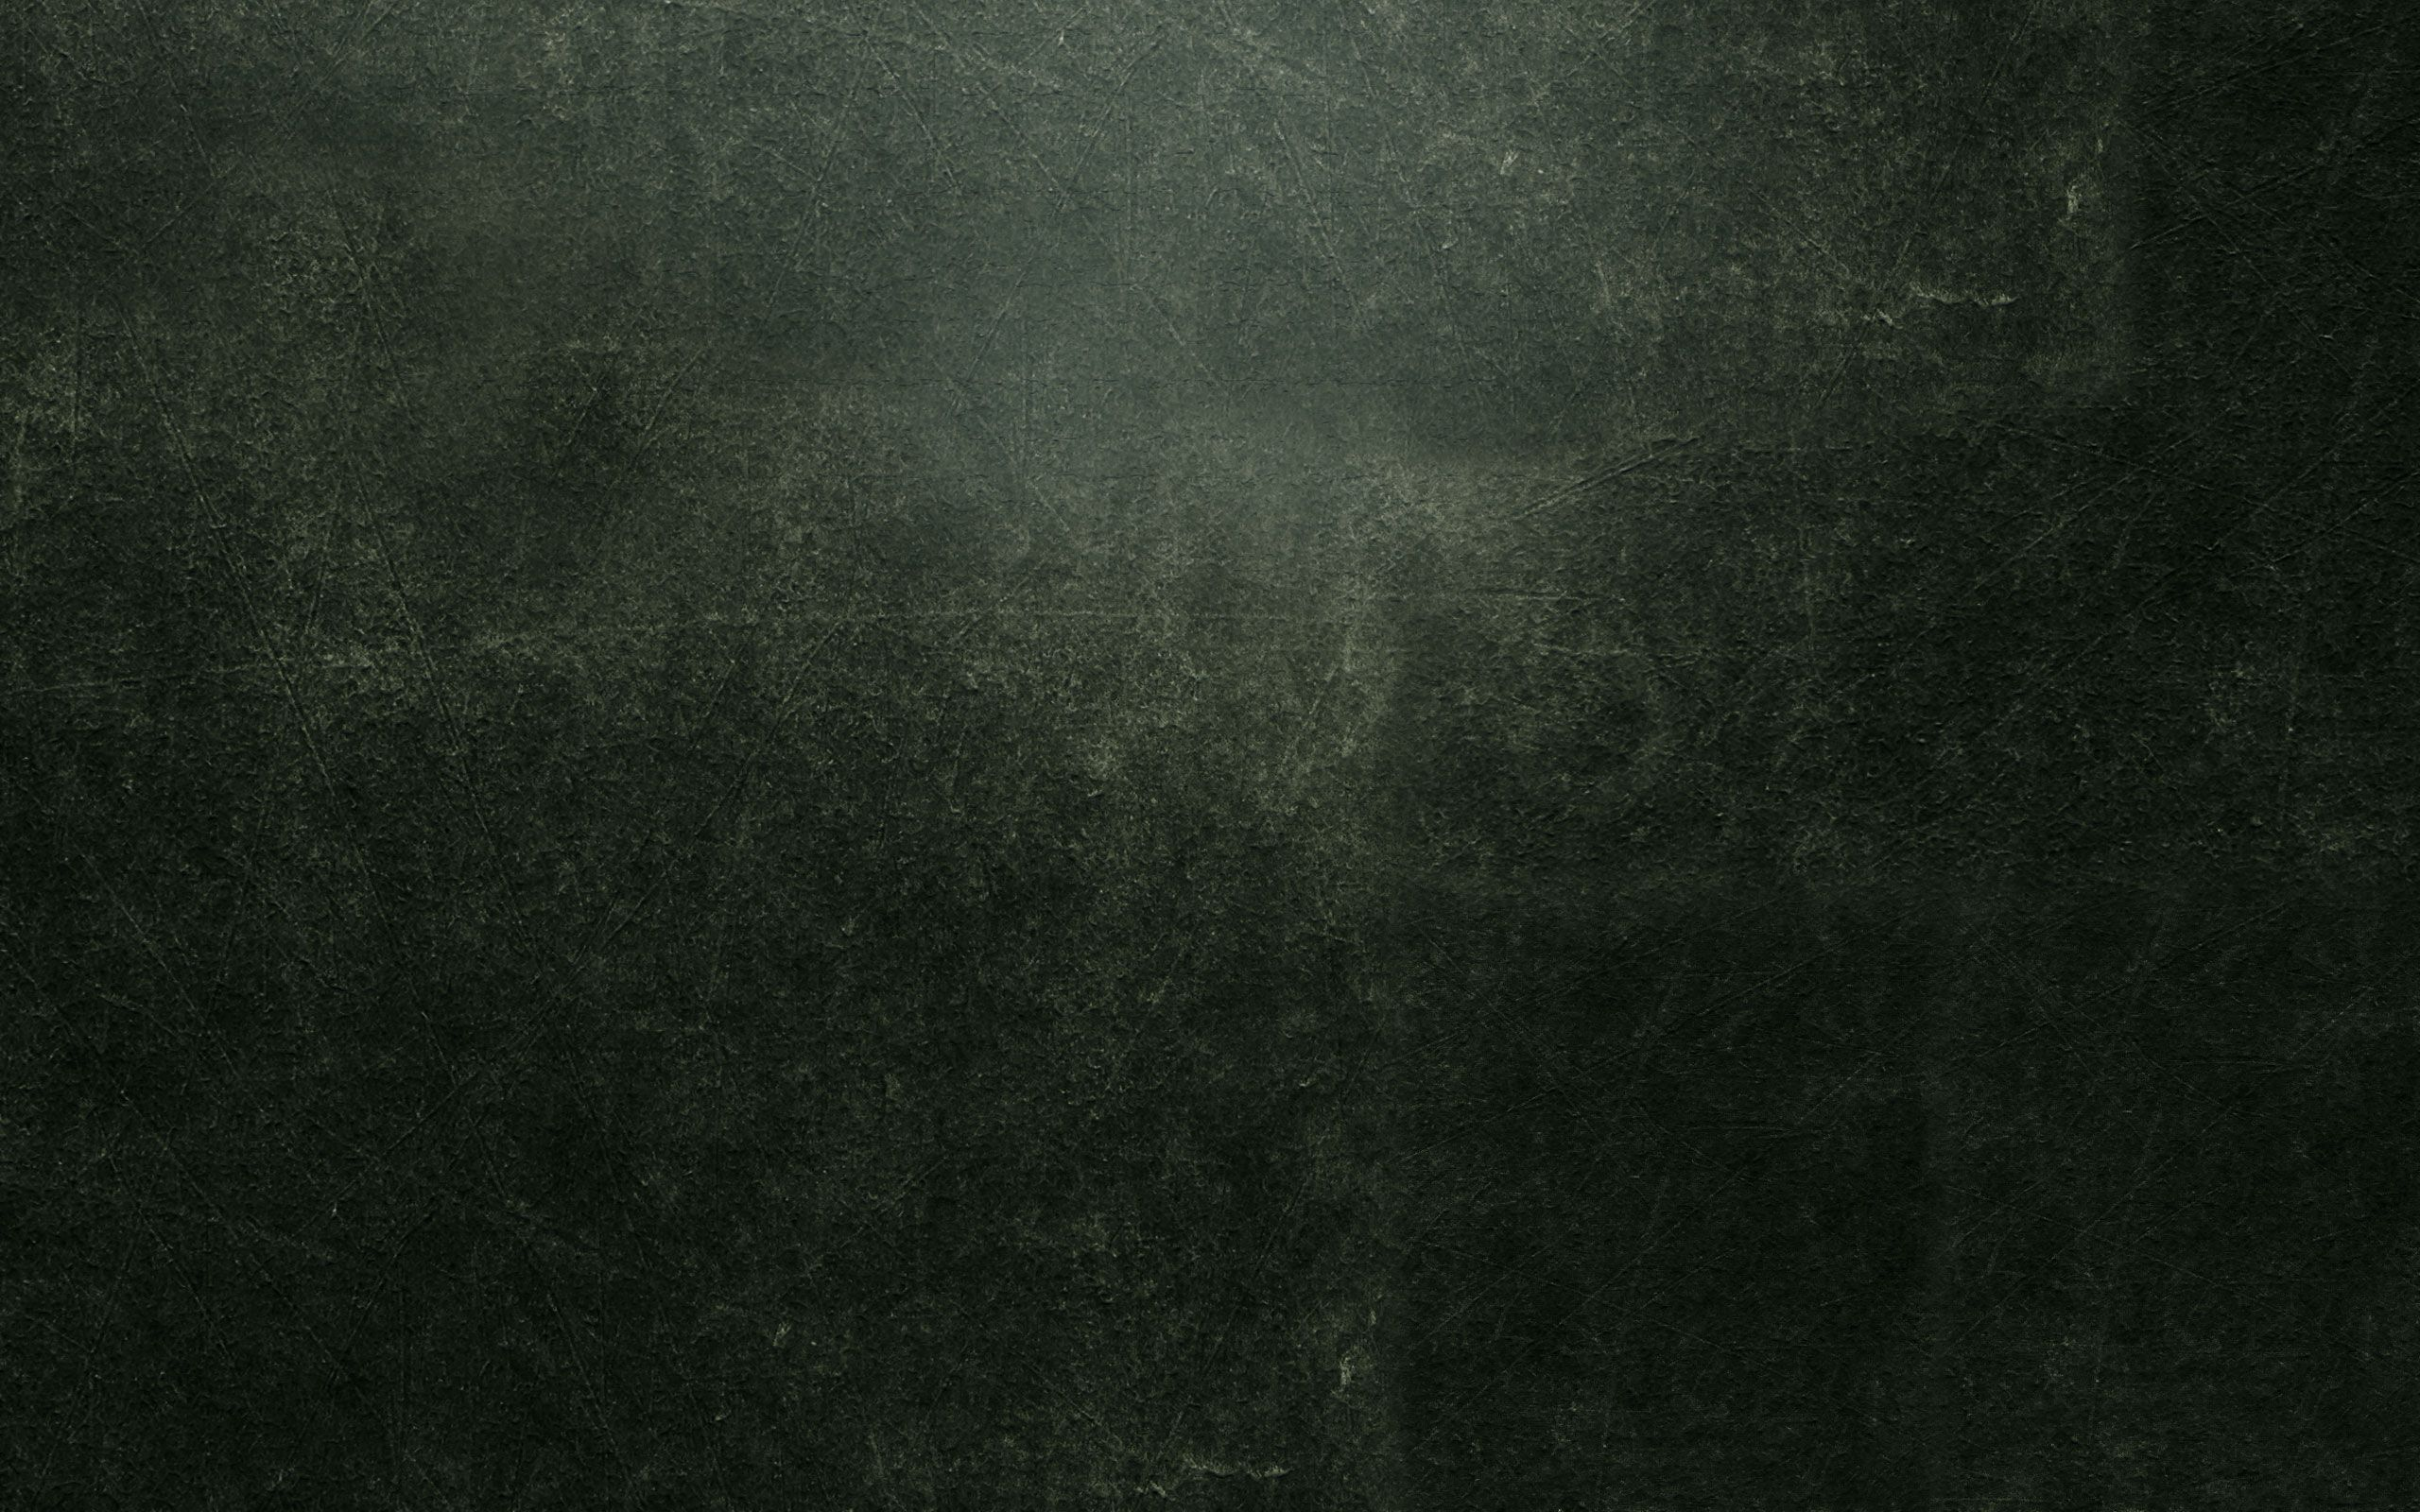 Black Minimalistic Textures Wallpaper Black And Grey Wallpaper Minimalist Wallpaper Dark Wallpaper